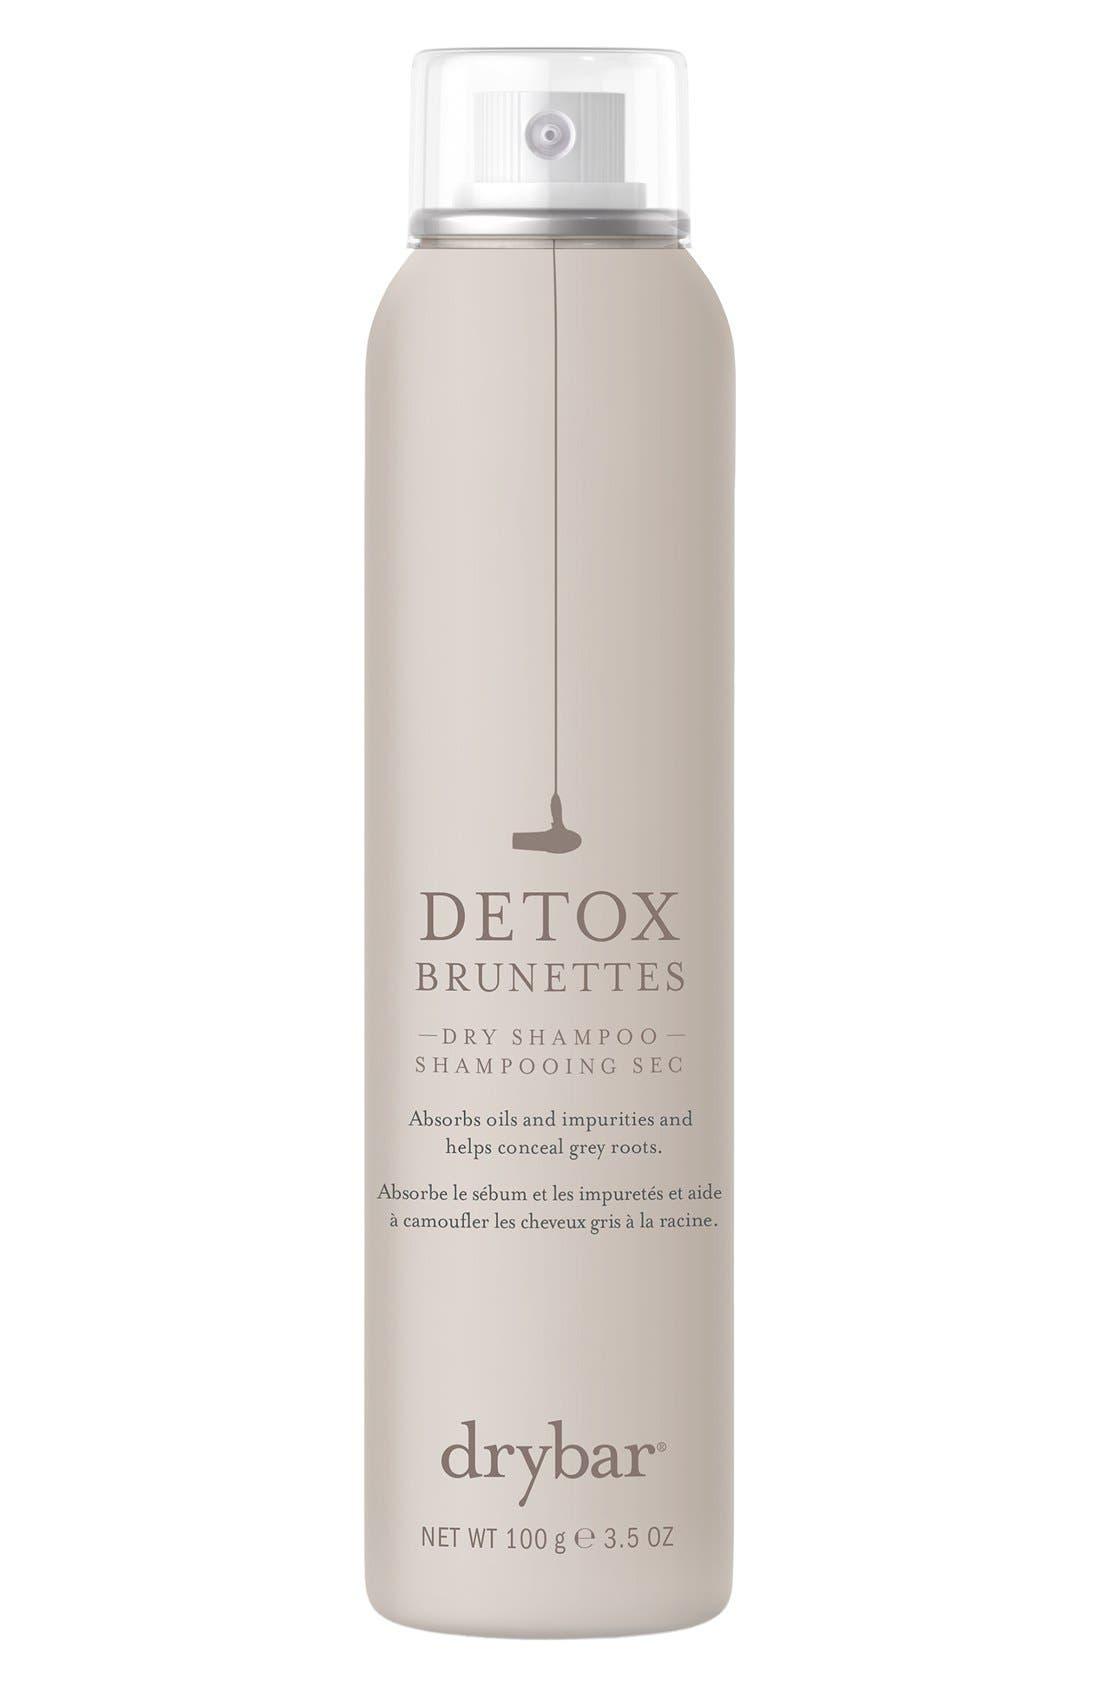 Detox Dry Shampoo For Brunettes